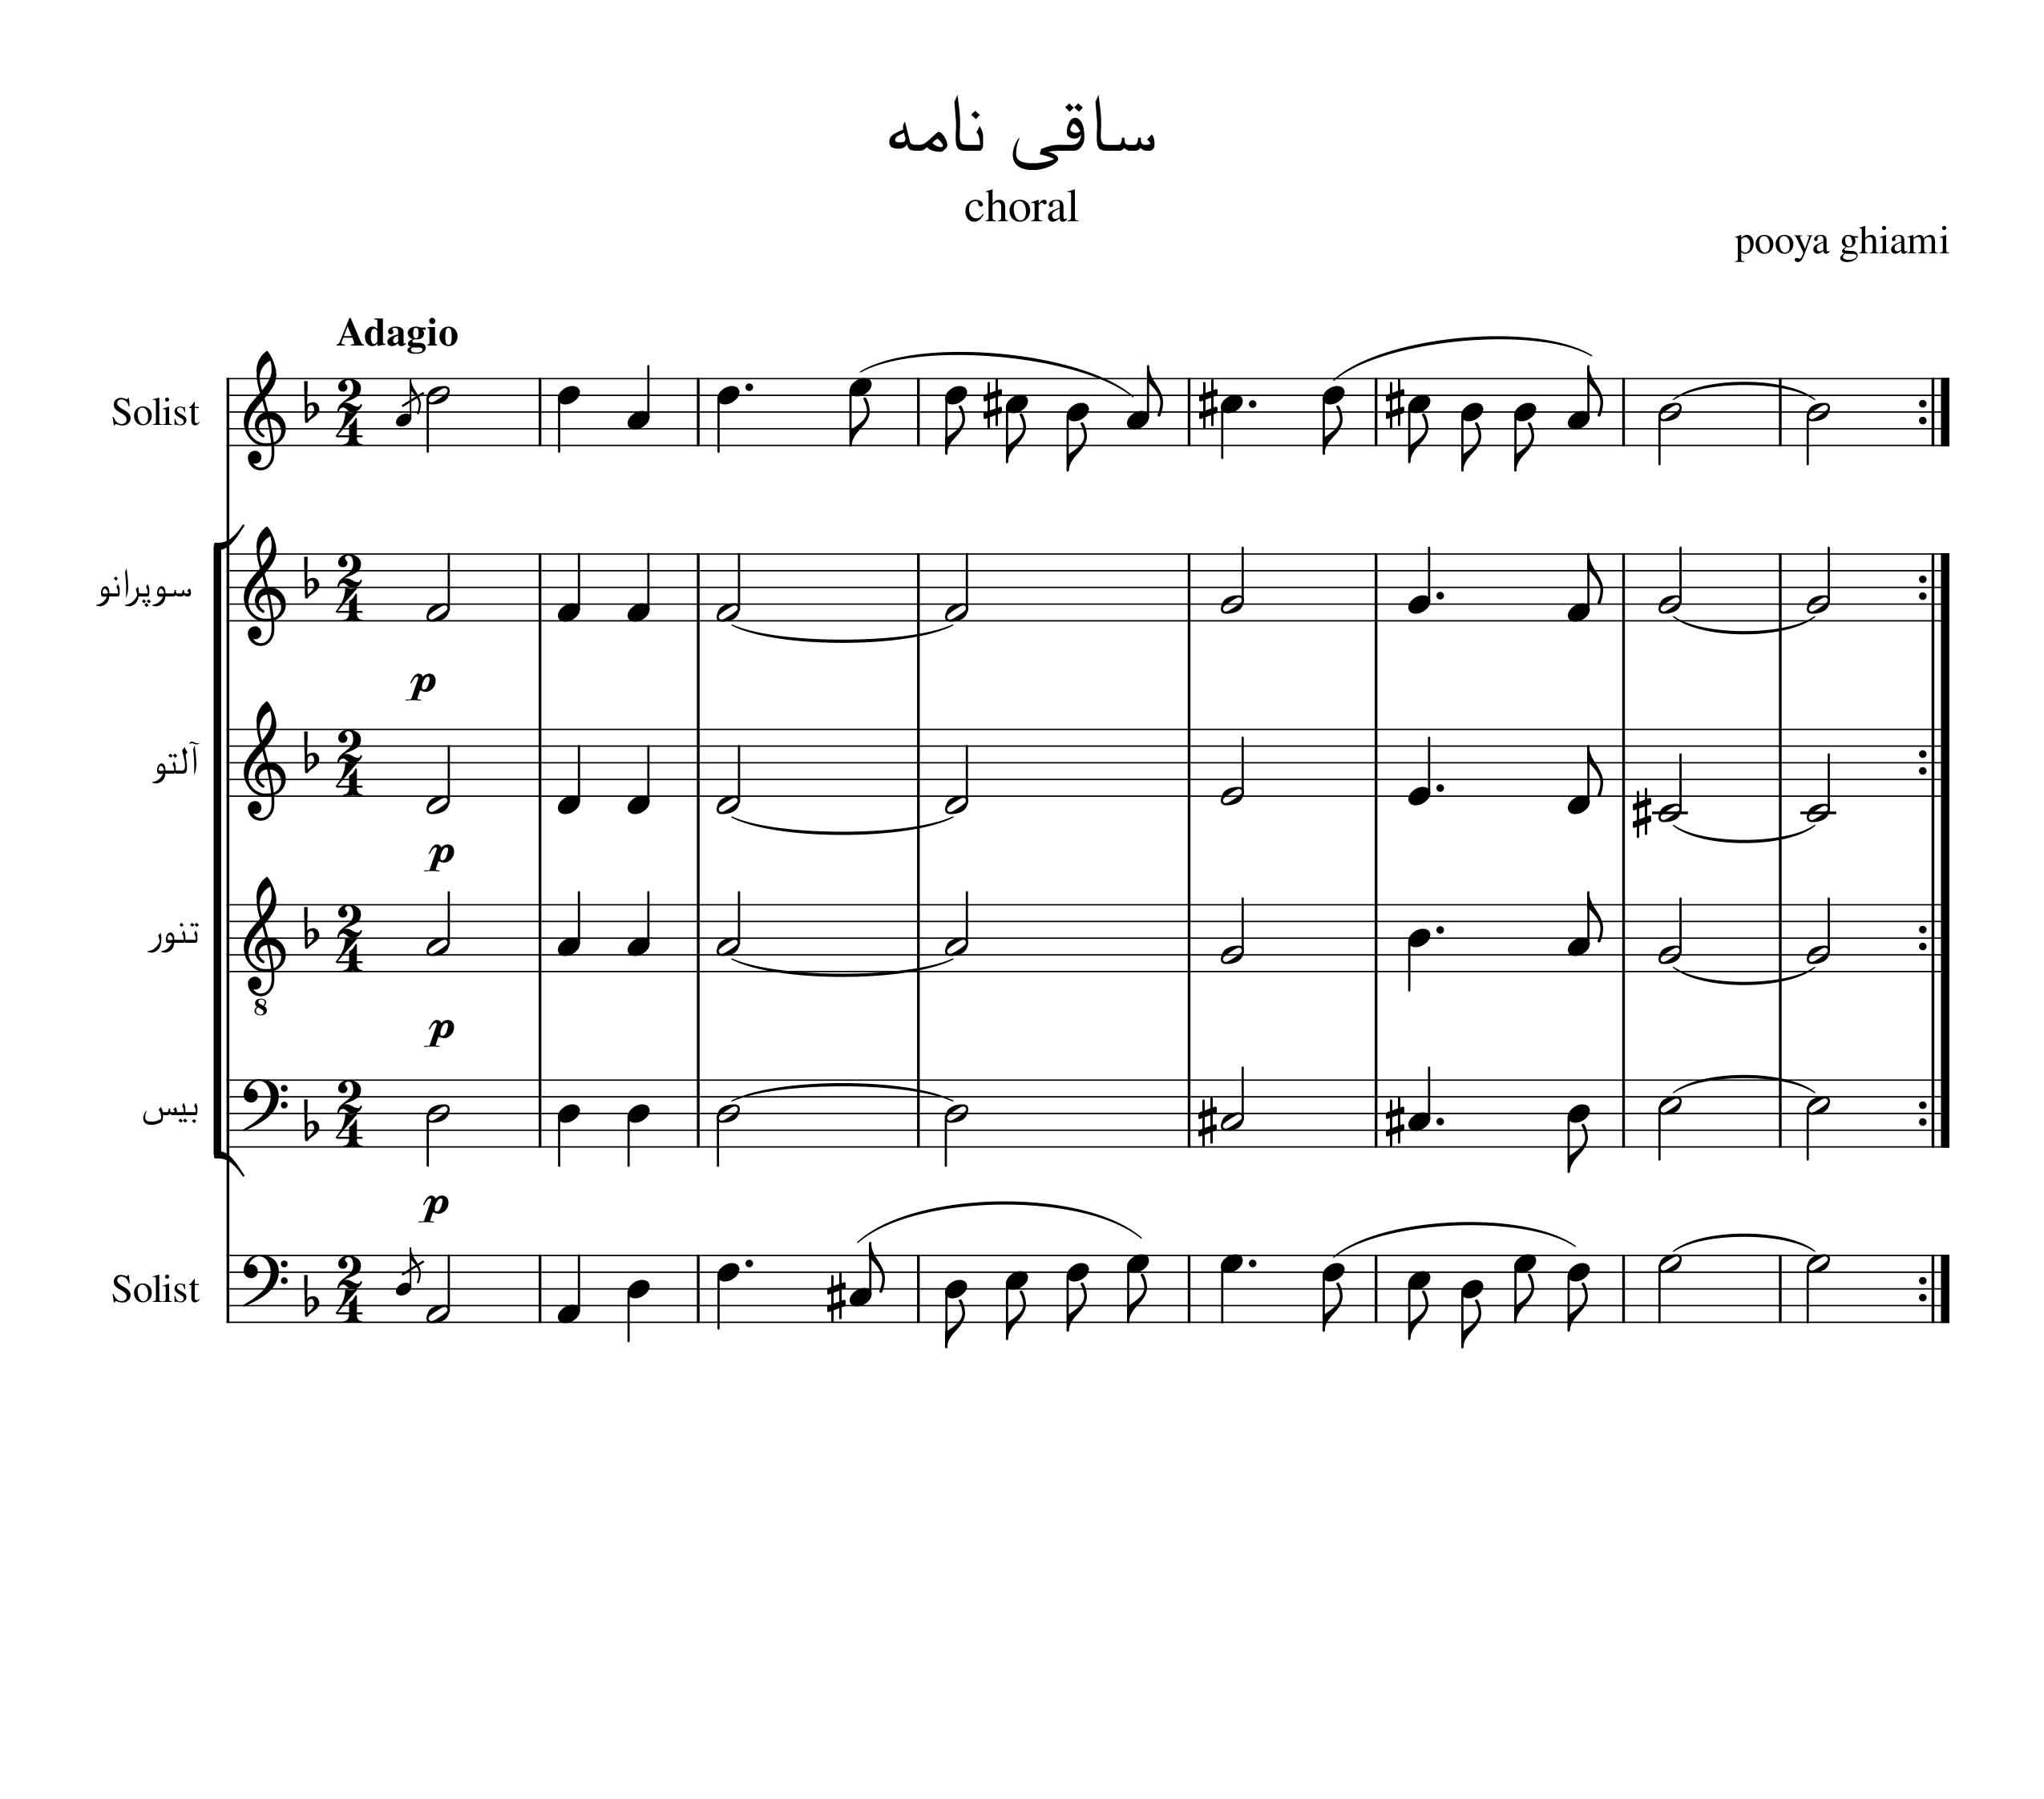 ملودی ساقی نامه برای همخوانی سوپرانو و باس و همراهی کرال